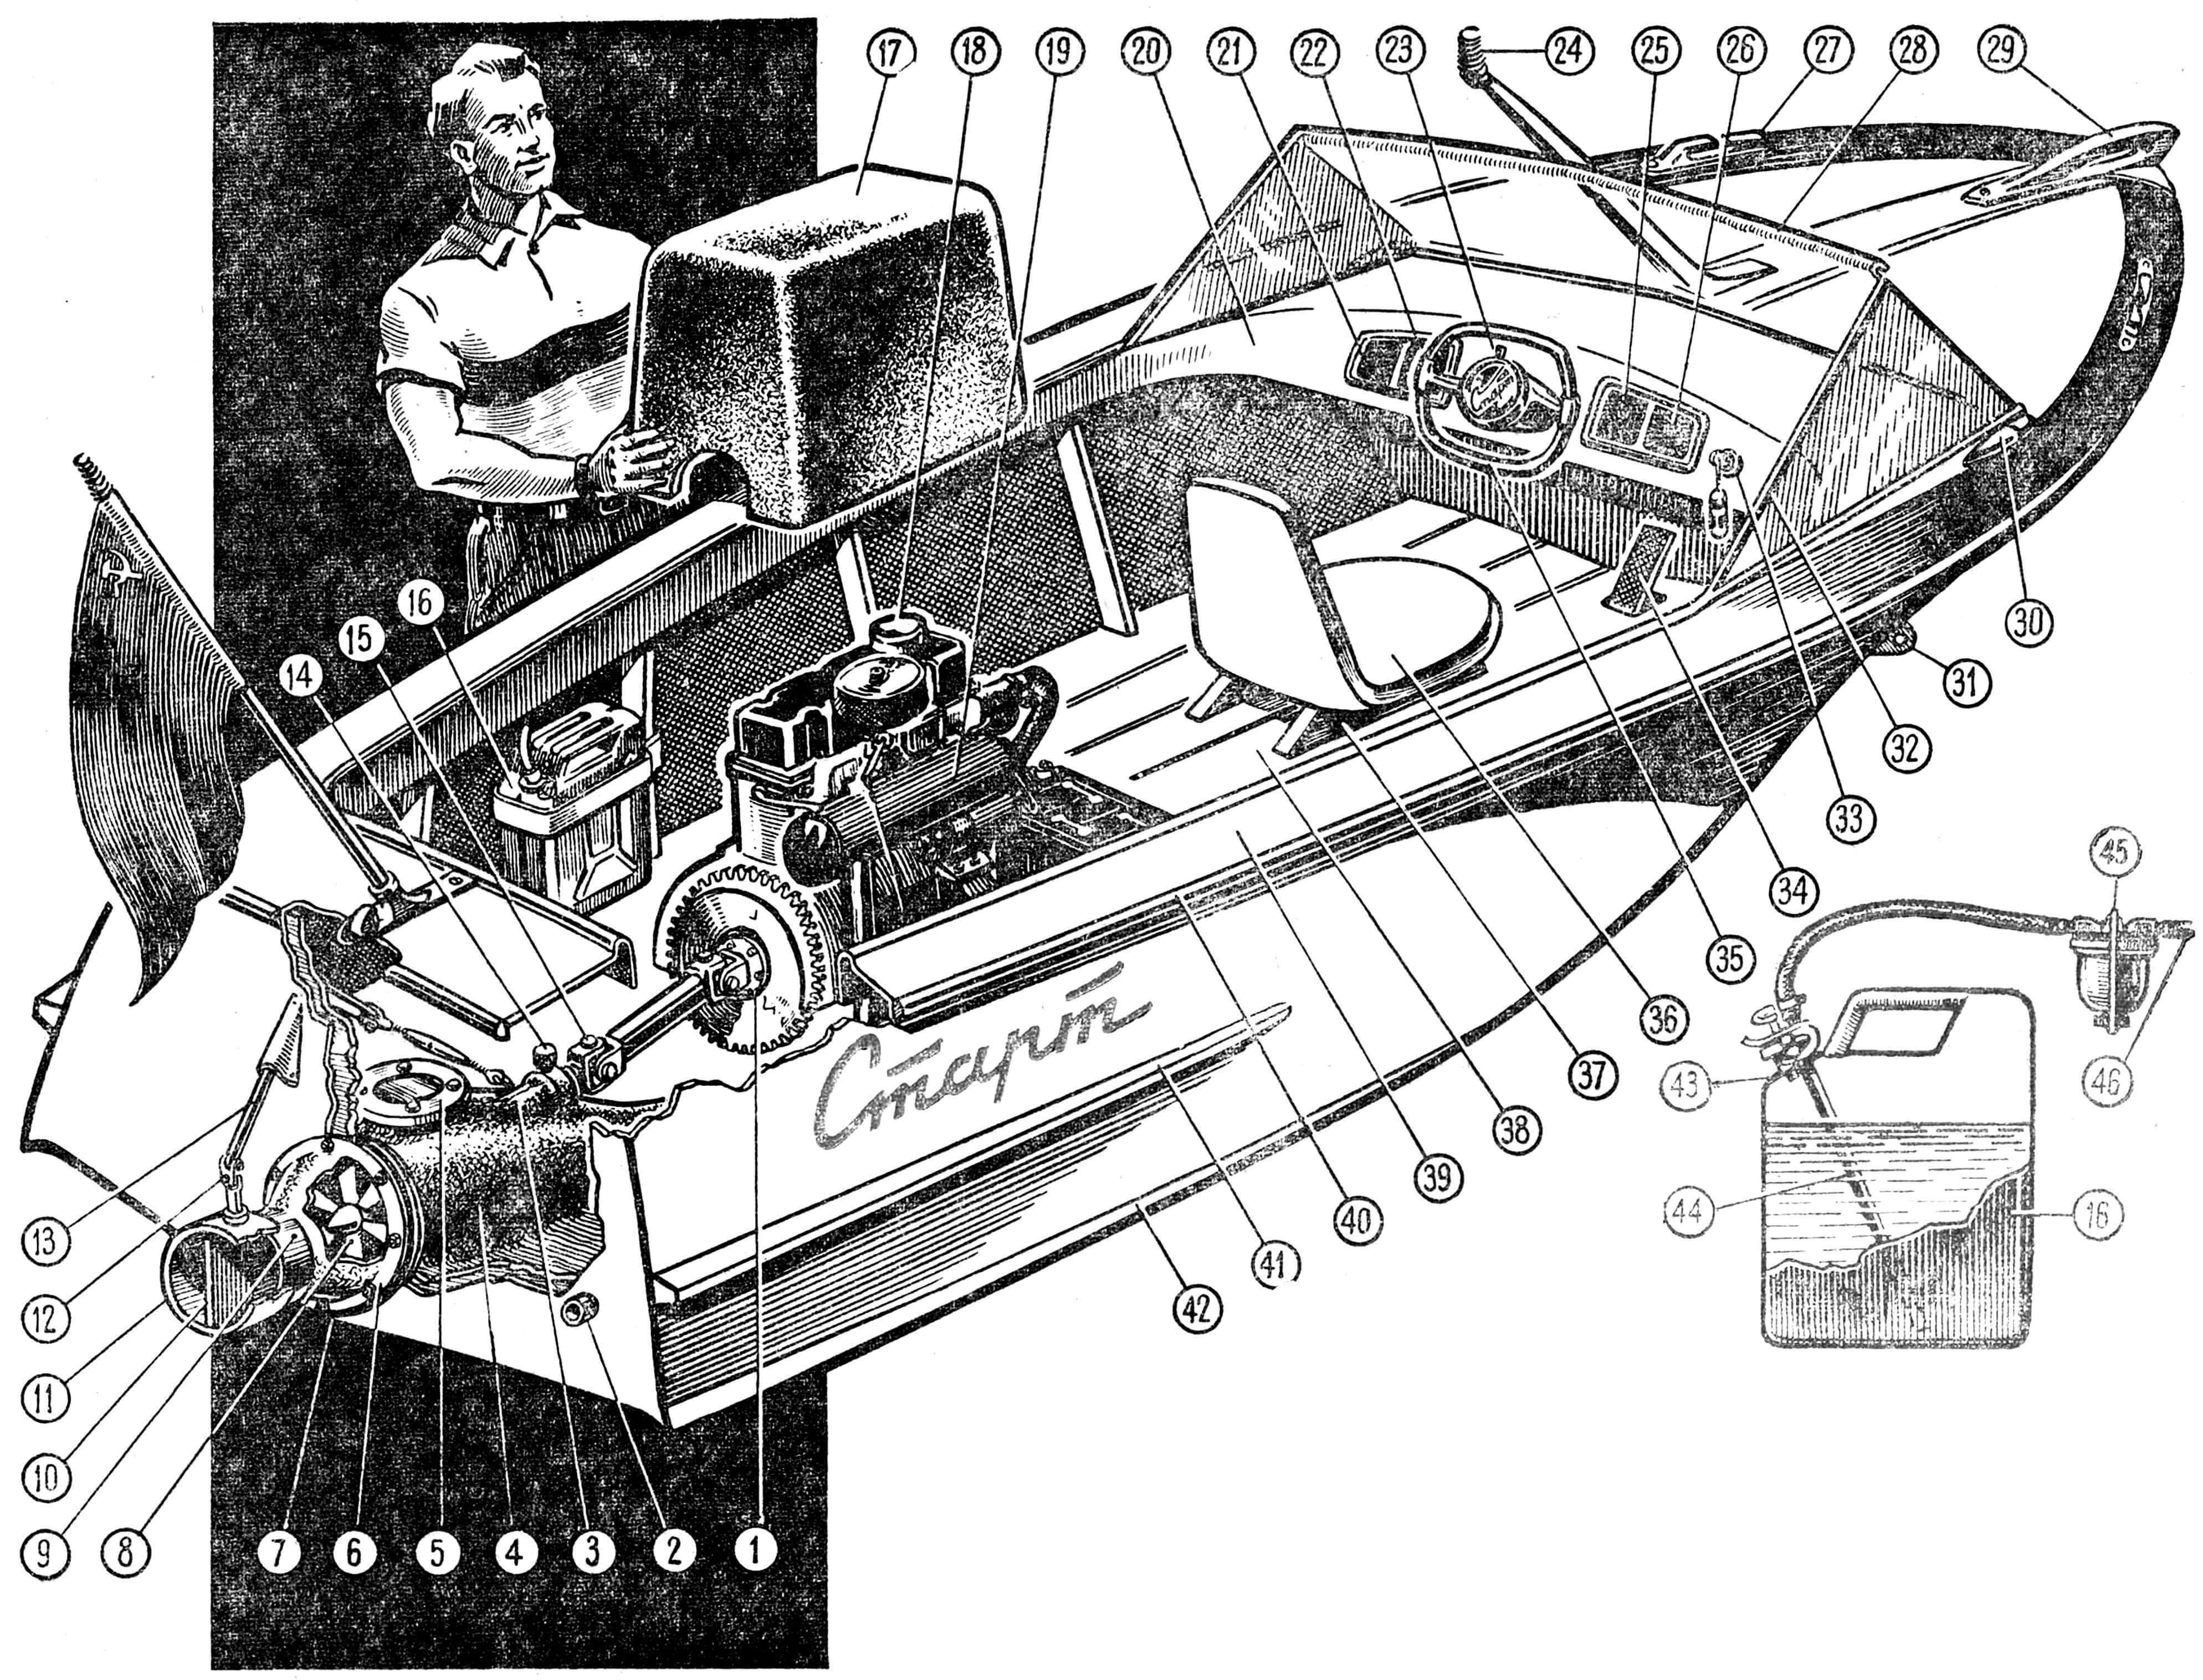 Рис. 9. Общий вид водометного катера «Старт»: 1 — фланец на маховике для крепления переднего карданного шарнира, 2 — выхлопная труба, 3 — корпус шарикоподшипника и сальника гребного вала, 4 — корпус водовода, 5 — люк водовода, 6 — фланец сопла, 7 — фланец водовода (соединяют сквозными болтами), 8 — спрямляющий аппарат, 9 — выходная часть сопла, 10 — перегородка рулевого сопла, 11 — рулевое сопло, 12 — кардан баллера, 13 — наклонный баллер, 14 — масленка гребного вала, 15 — задний карданный шарнир, 16 — питающая канистра, 17 — кожух двигателя (стеклопластик), 18 — двигатель М-21 «Волга», 19 — сварной выхлопной коллектор, 20 — бимс рулевого поста, 21 — спидометр, 22 — счетчик оборотов, 23 — тумблер световой отмашки, 24 — топовый огонь (белый), 25 — компас, 26 — контрольные приборы двигателя, 27 — киповая планка, 28 — ветровое стекло, 29 — носовой рым, 30 — ходовой огонь (зеленый), 31 — буксирный носовой рым, 32 — рама ветрового стекла. 33 — замок зажигания, 34 — педаль газа, 35 — рулевое колесо, 35 — сиденье водителя, 37 — салазки сиденья, 38 — пайол открытого кокпита, 39 — планширь, 40 — буртик, 41 — привальный брус, 42 — скуловой брызгоотбойник.